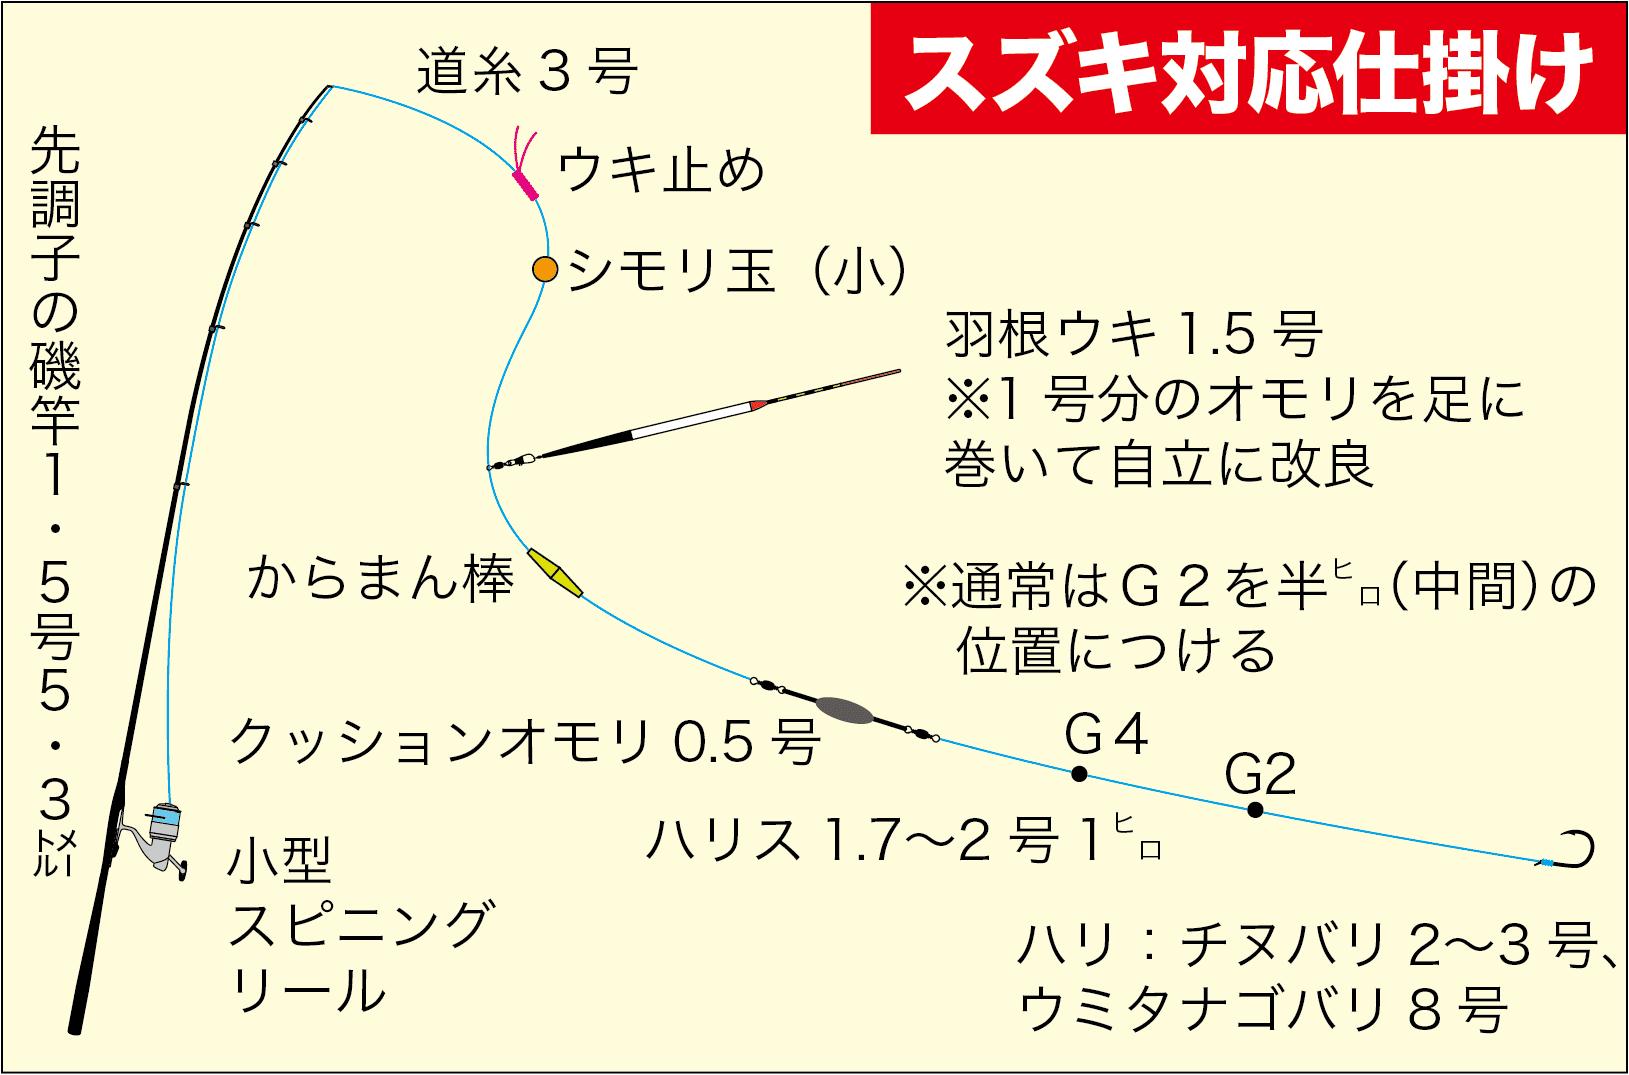 エビ撒き大型スズキ解説4